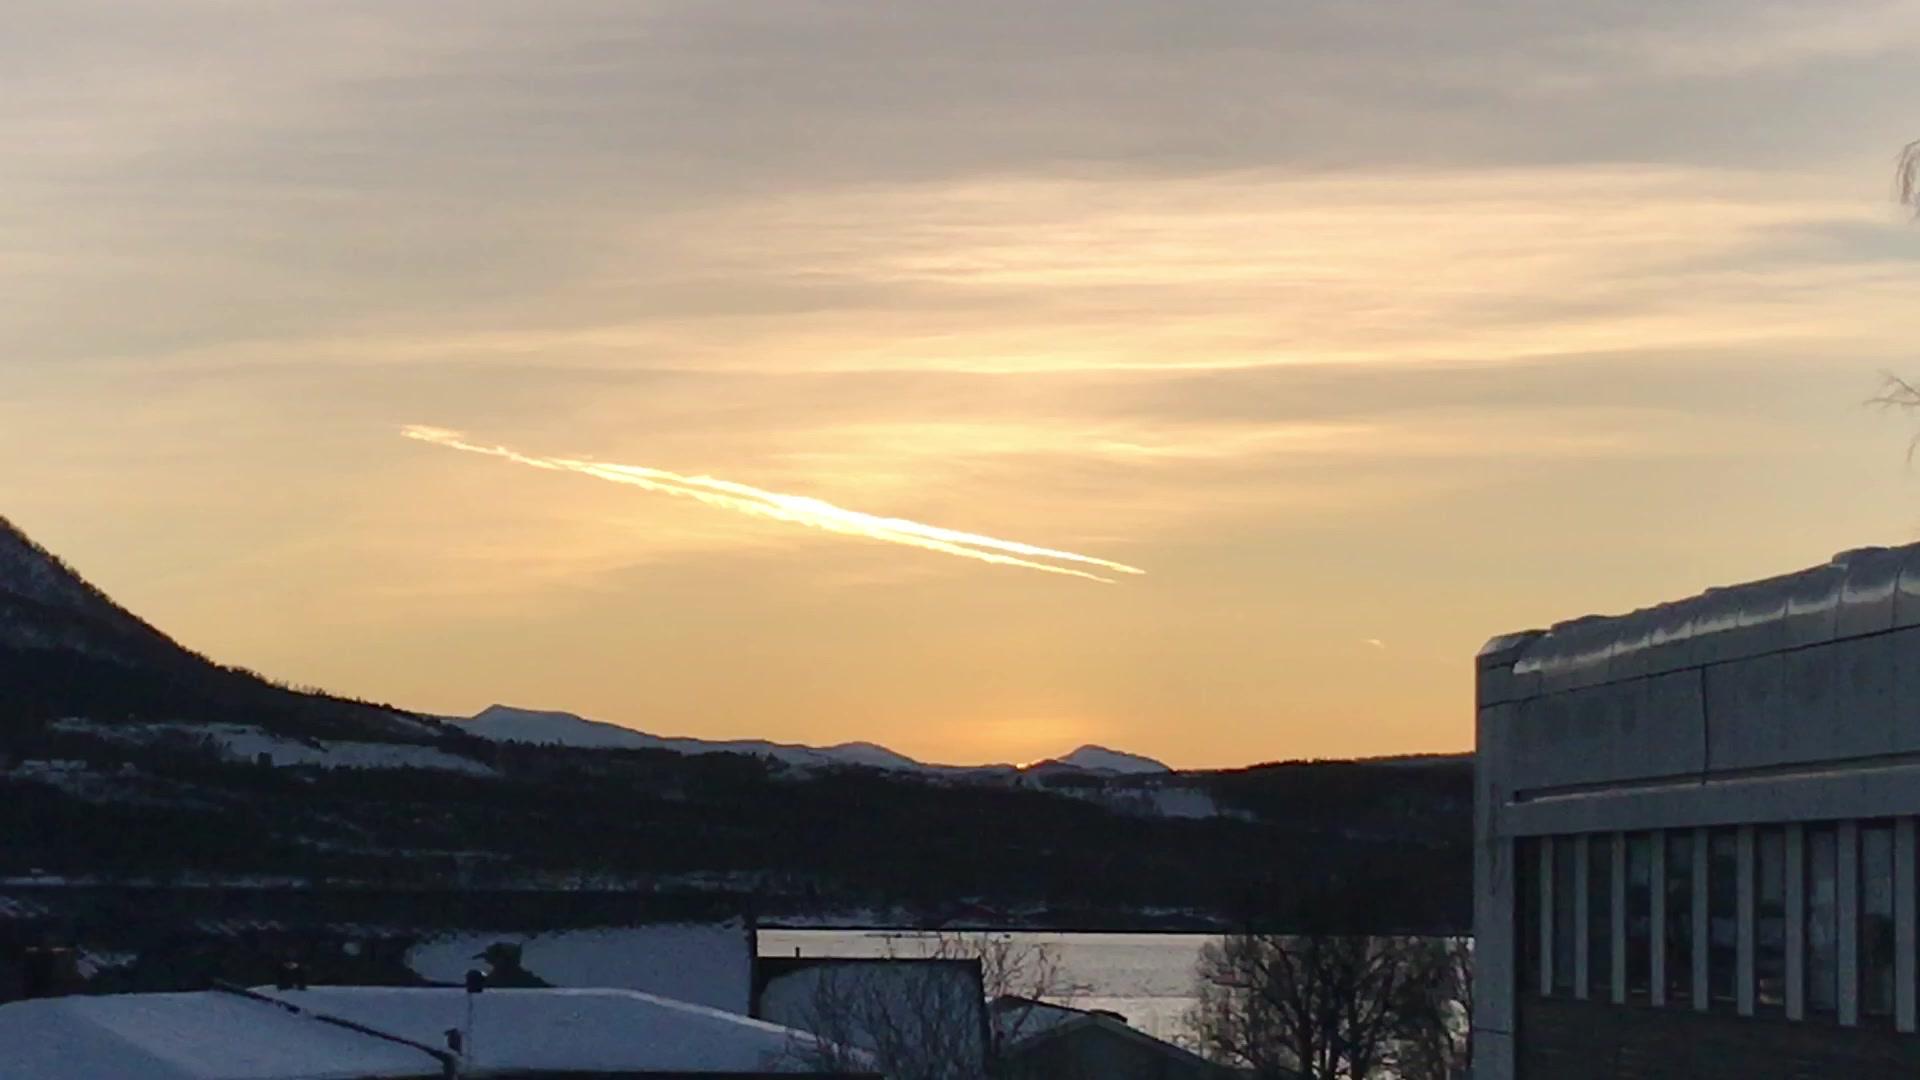 Er det sola vi ser, eller bare strålene fra den?